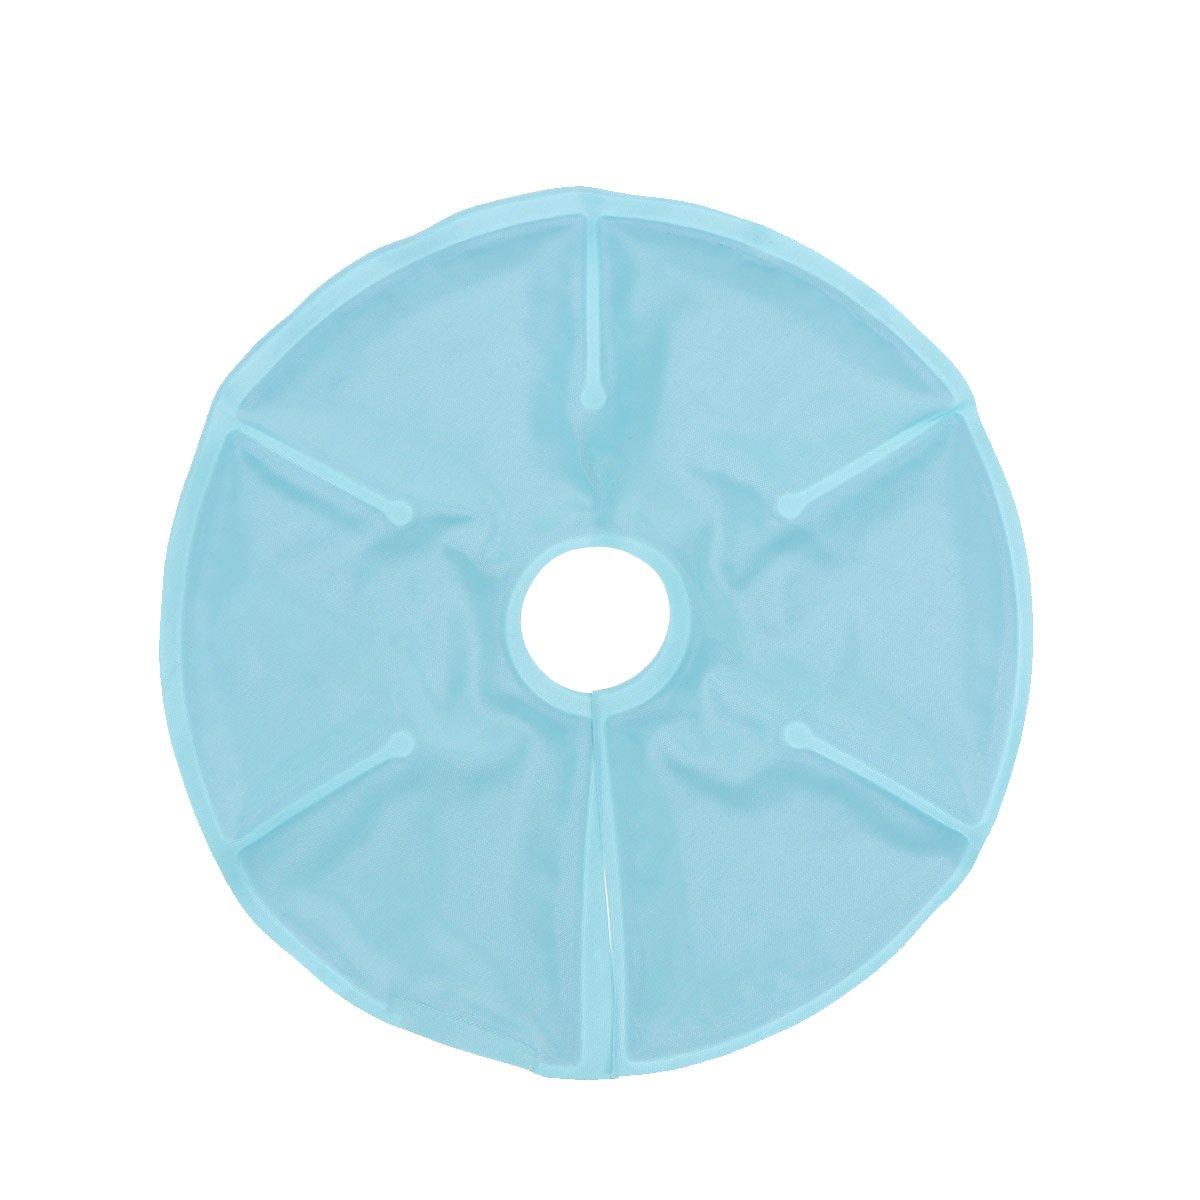 healifty Brust Therapie Pack Brust Gel Pads Ice Pack wiederverwendbar heiße und kalte Therapie Stillen Gel-Pads für engorgement verbessern Milch Produktion 18x 18cm (Sky Blau)